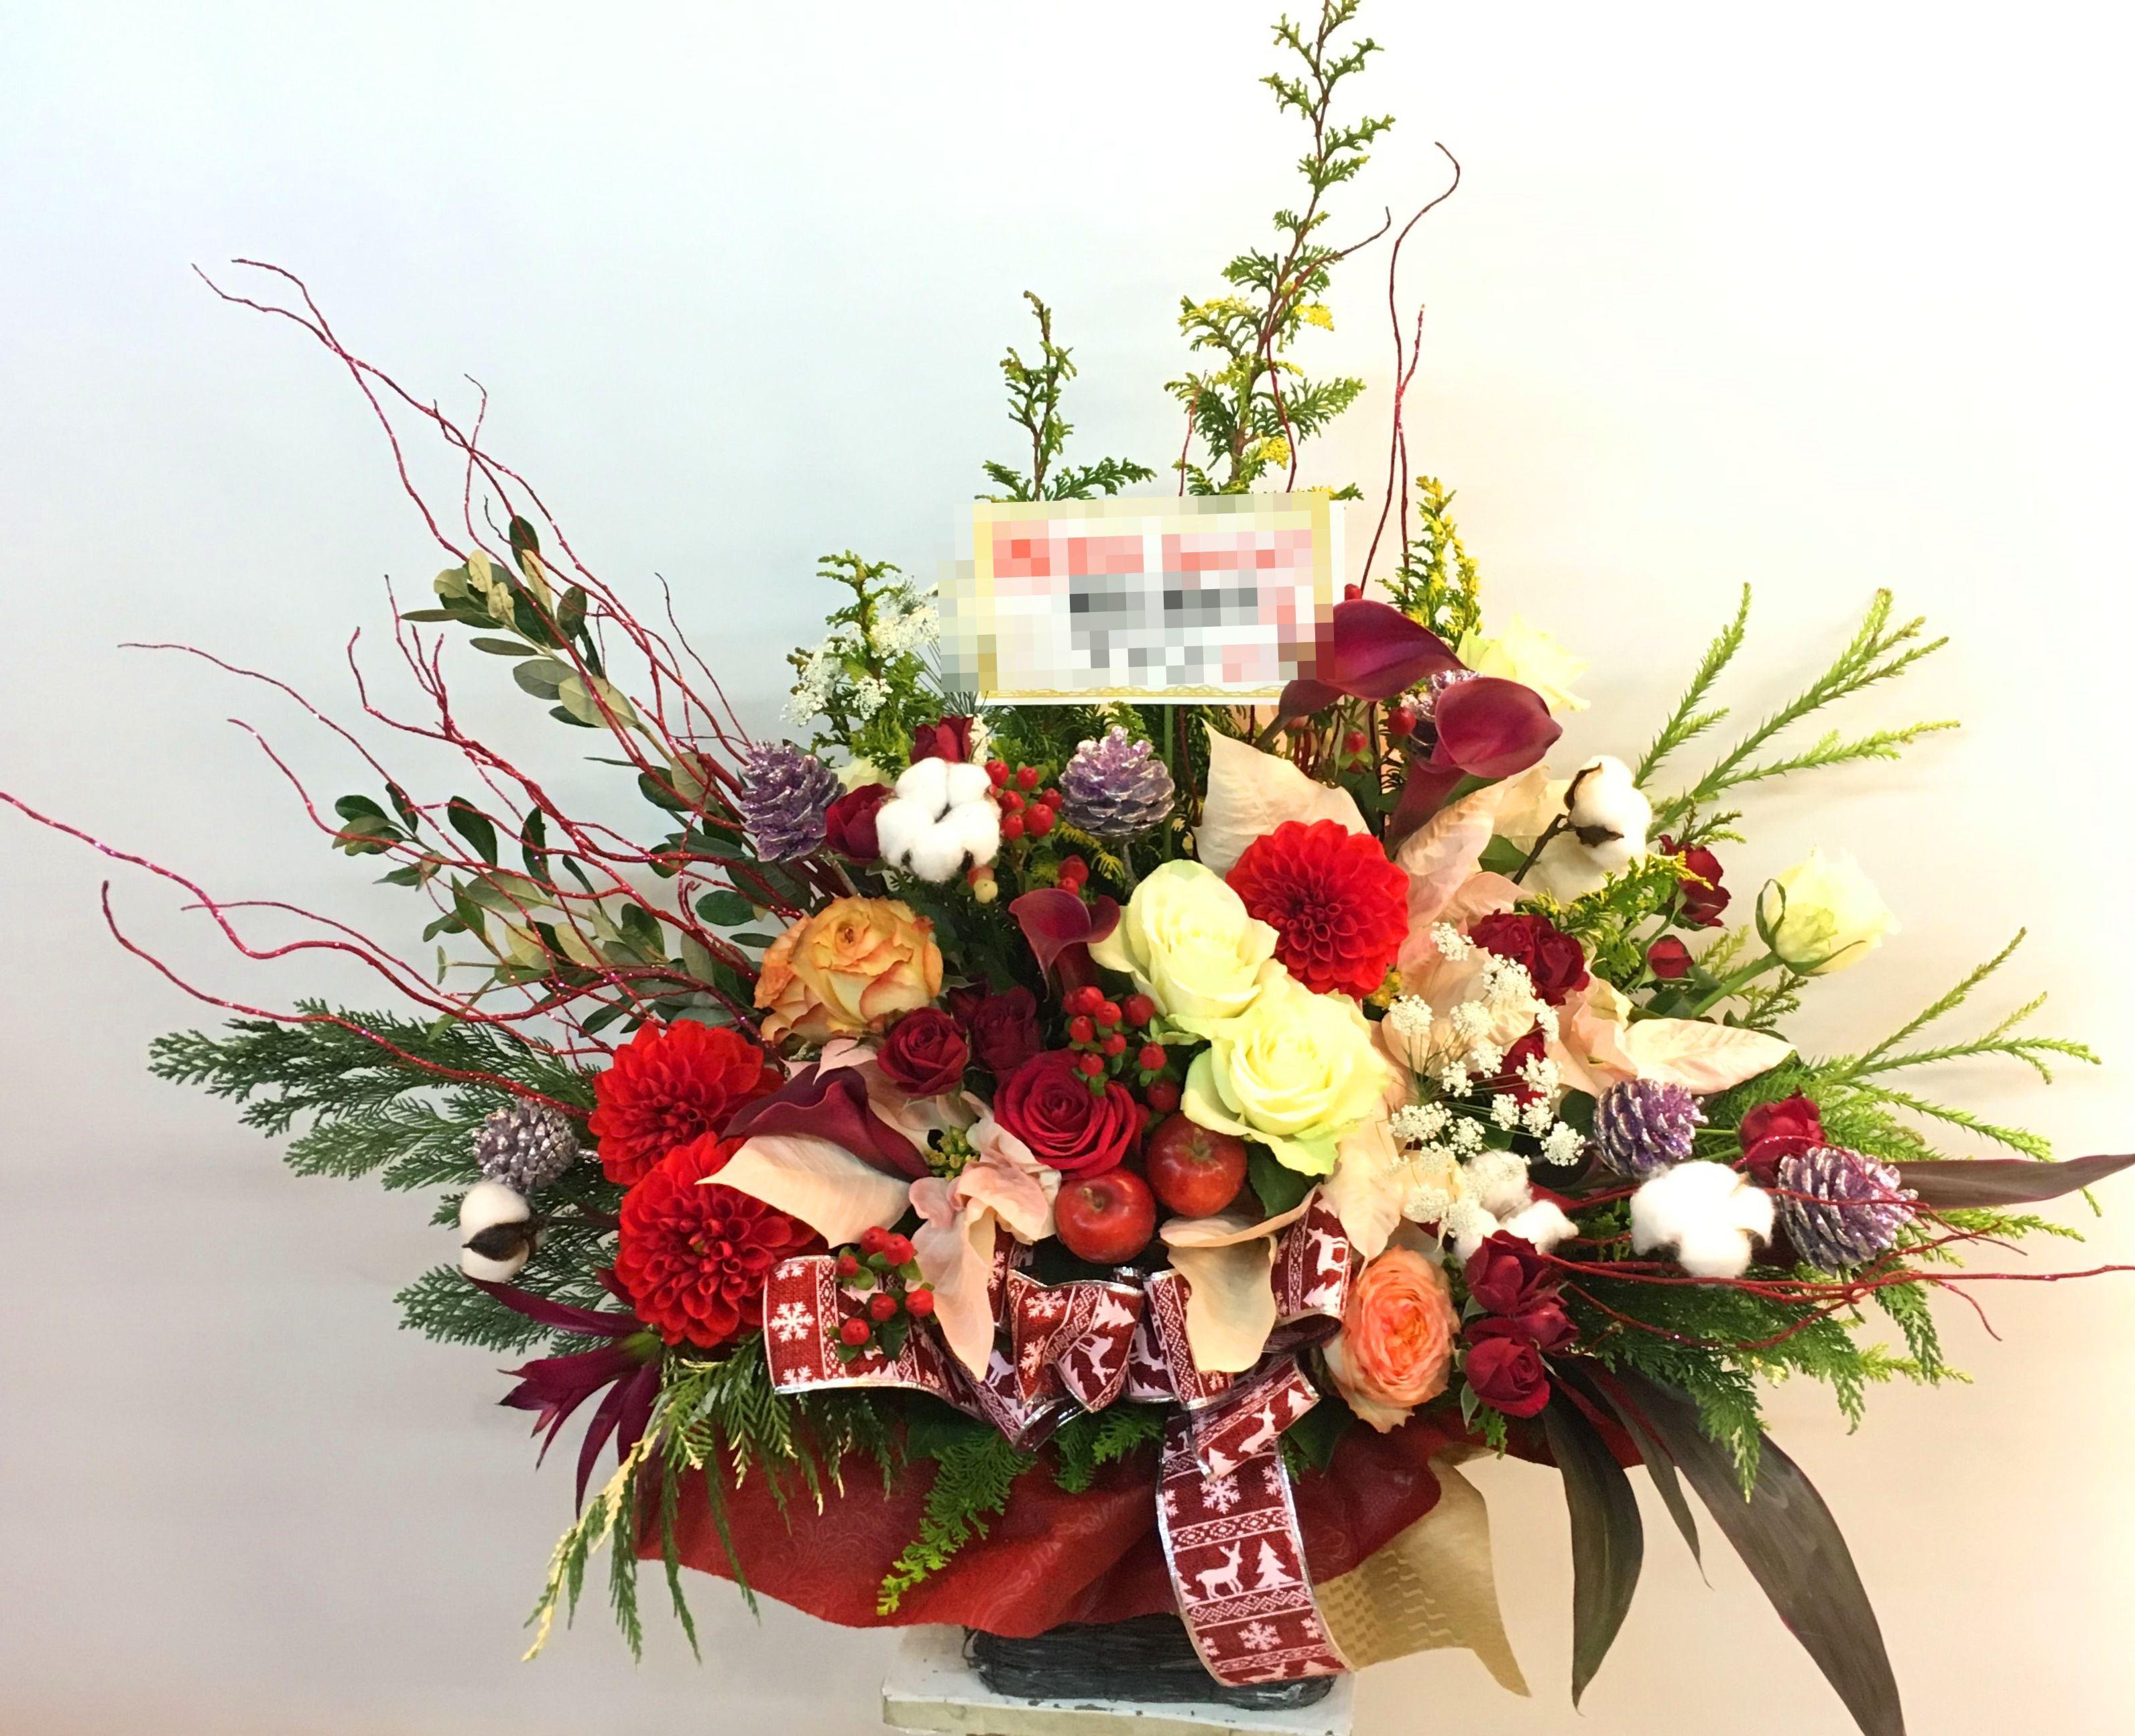 【ナオ花屋の納品事例221】横浜市関内相生町の法人企業様へ胡蝶蘭を即日当日配達しました!